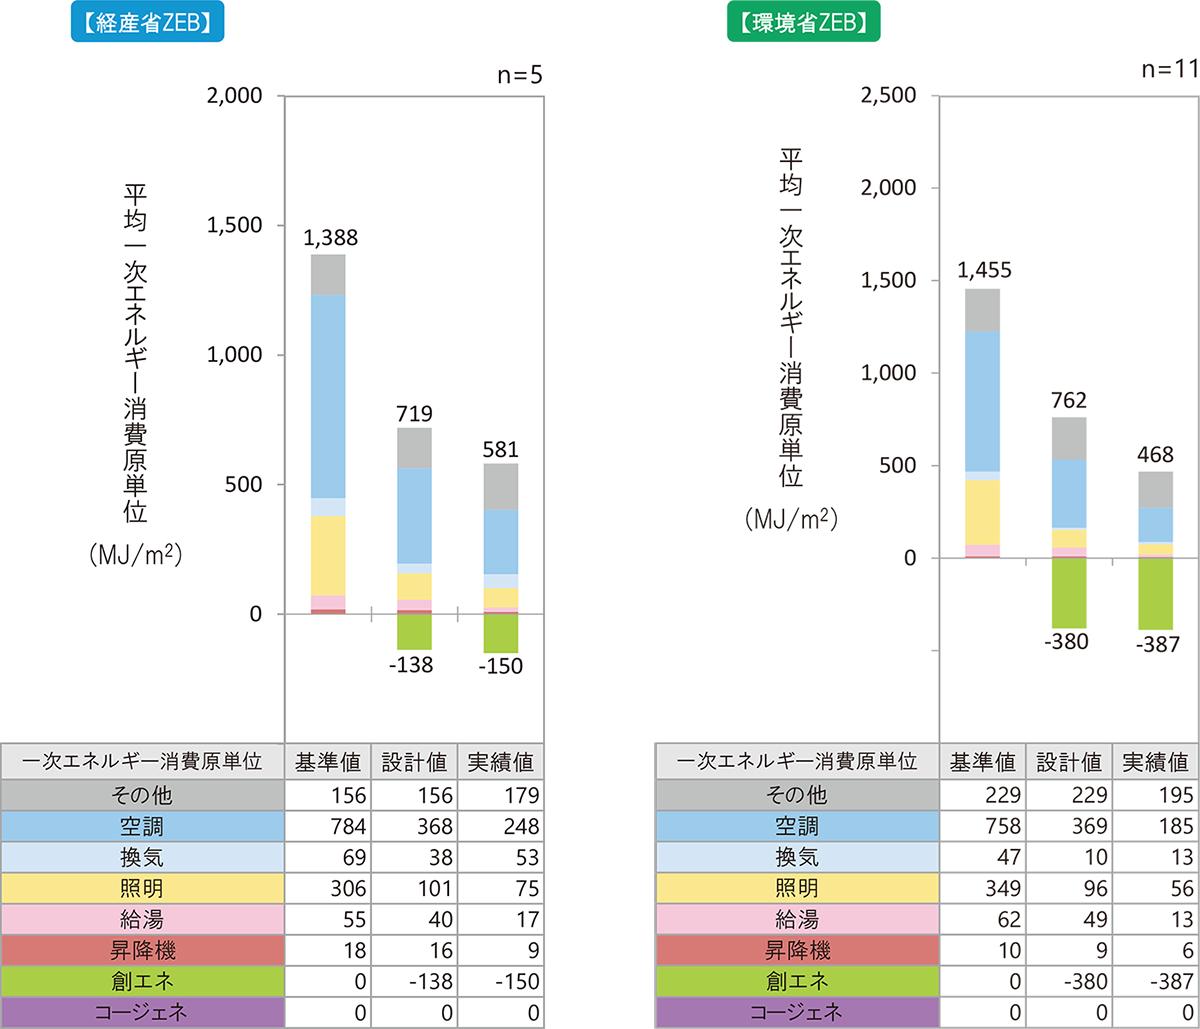 経産省ZEBと環境省ZEBにおける「事務所」の設備区分別の年間1次エネルギー消費原単位(資料:環境共創イニシアチブ)